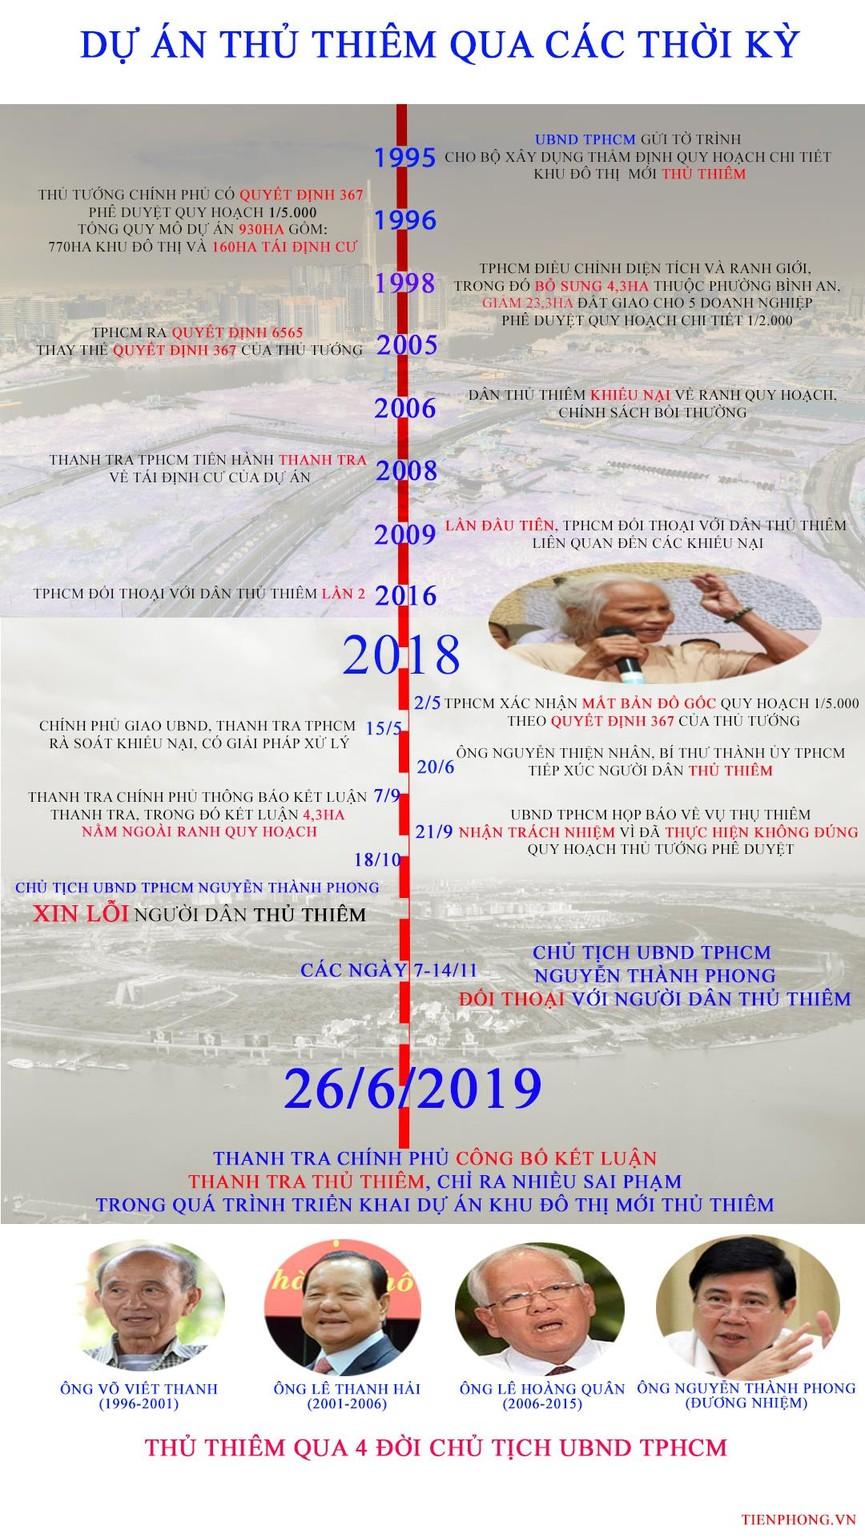 Dự án khu đô thị mới Thủ Thiêm qua 4 đời Chủ tịch UBND TPHCM - ảnh 1